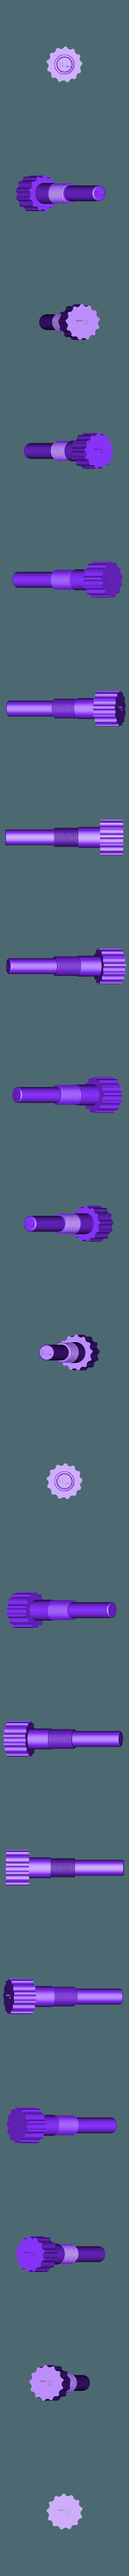 bloc piston v2.stl Télécharger fichier STL gratuit Bloque piston - avec molette • Plan à imprimer en 3D, Simonchantcliquet